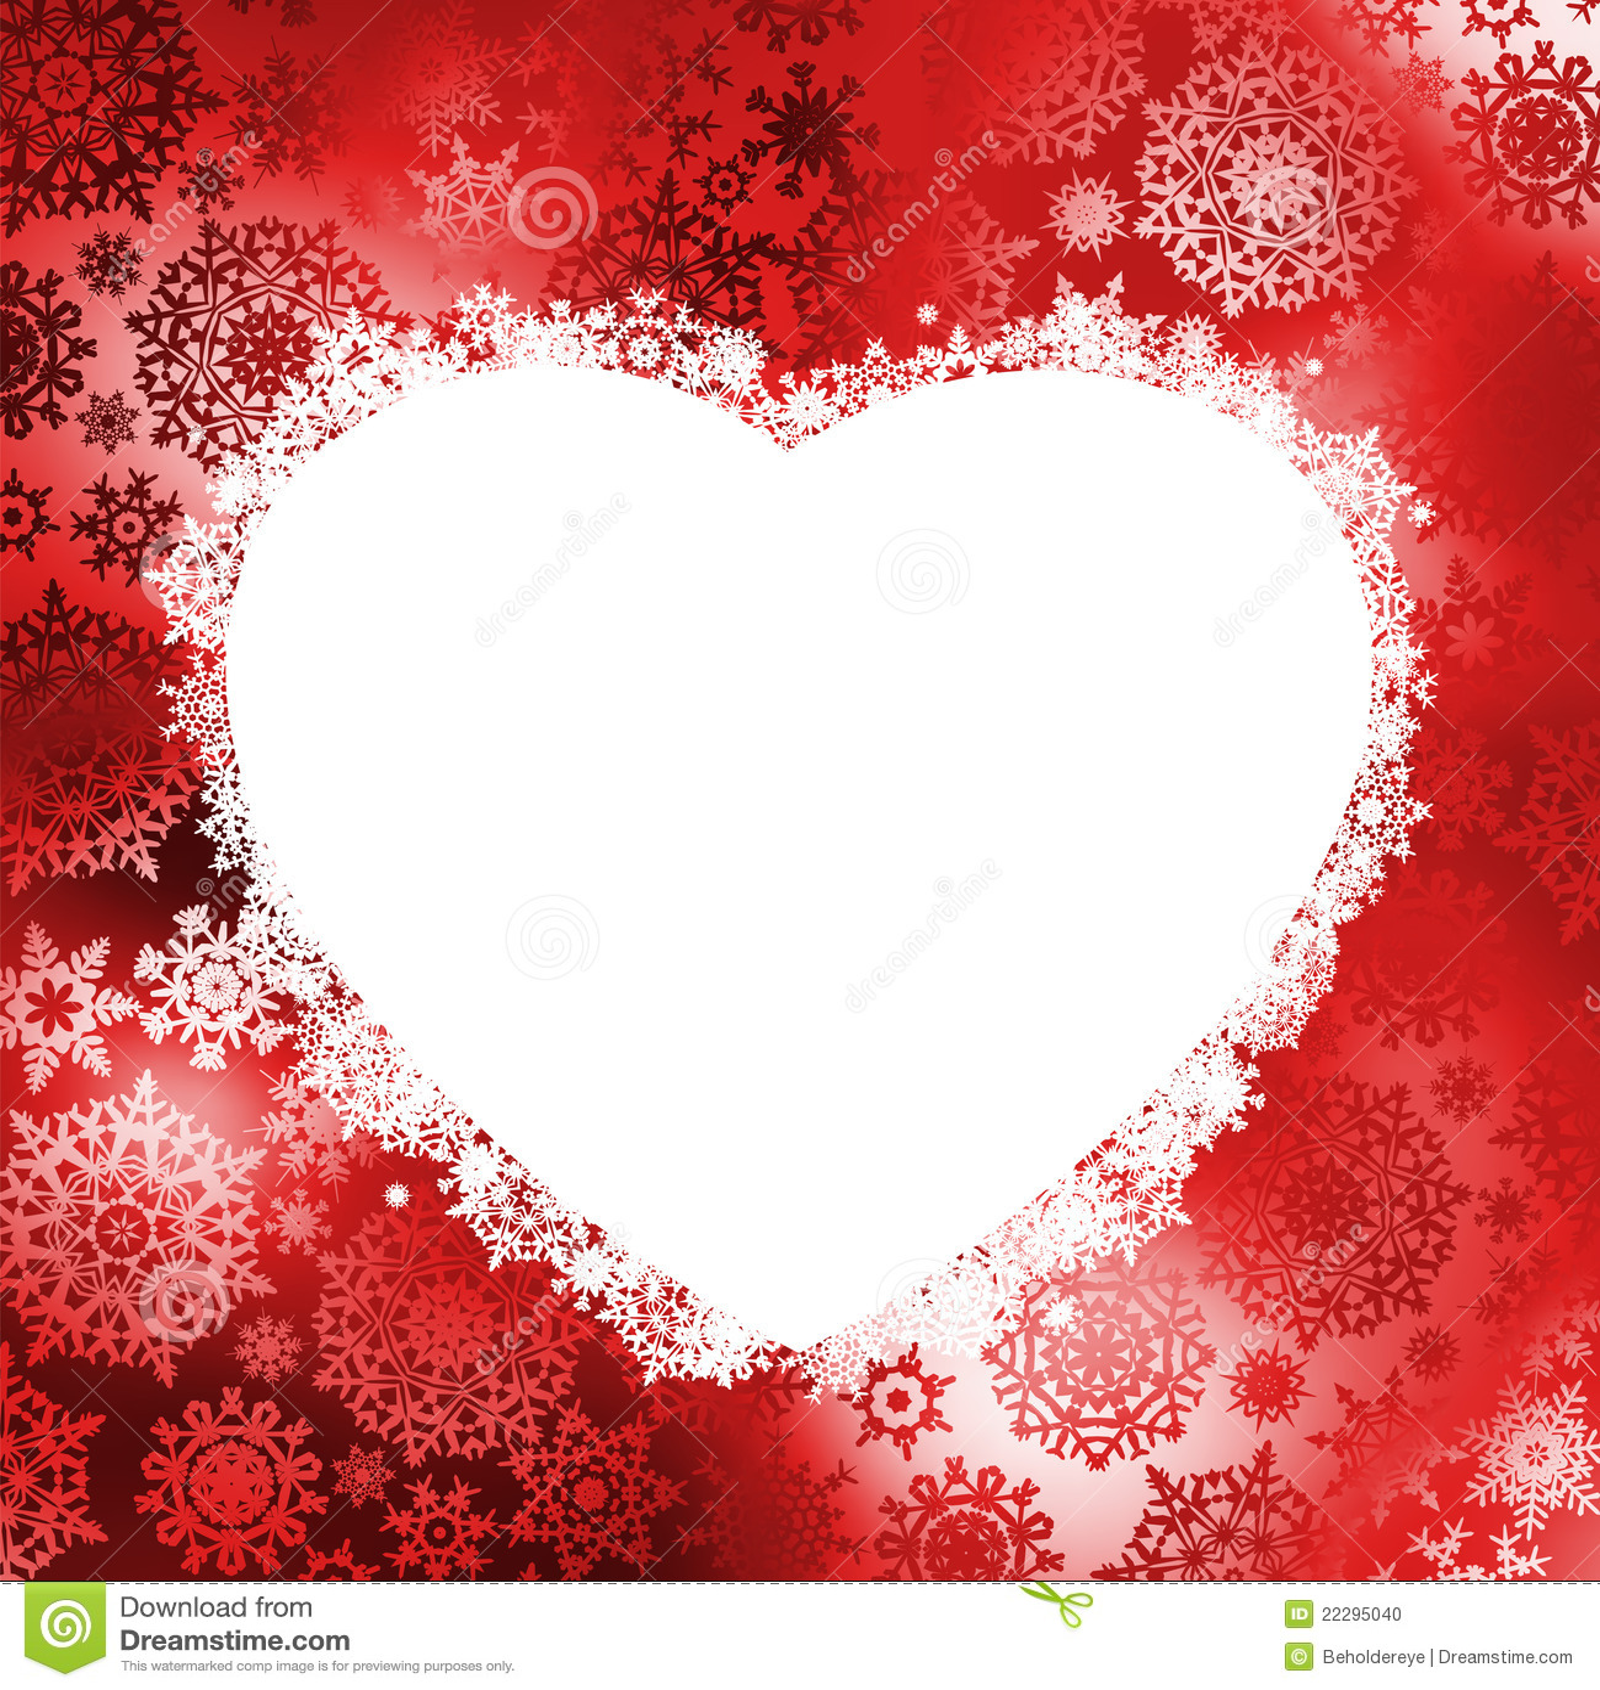 Christmas Frame In The Shape Of Heart EPS 8 Stock Vector